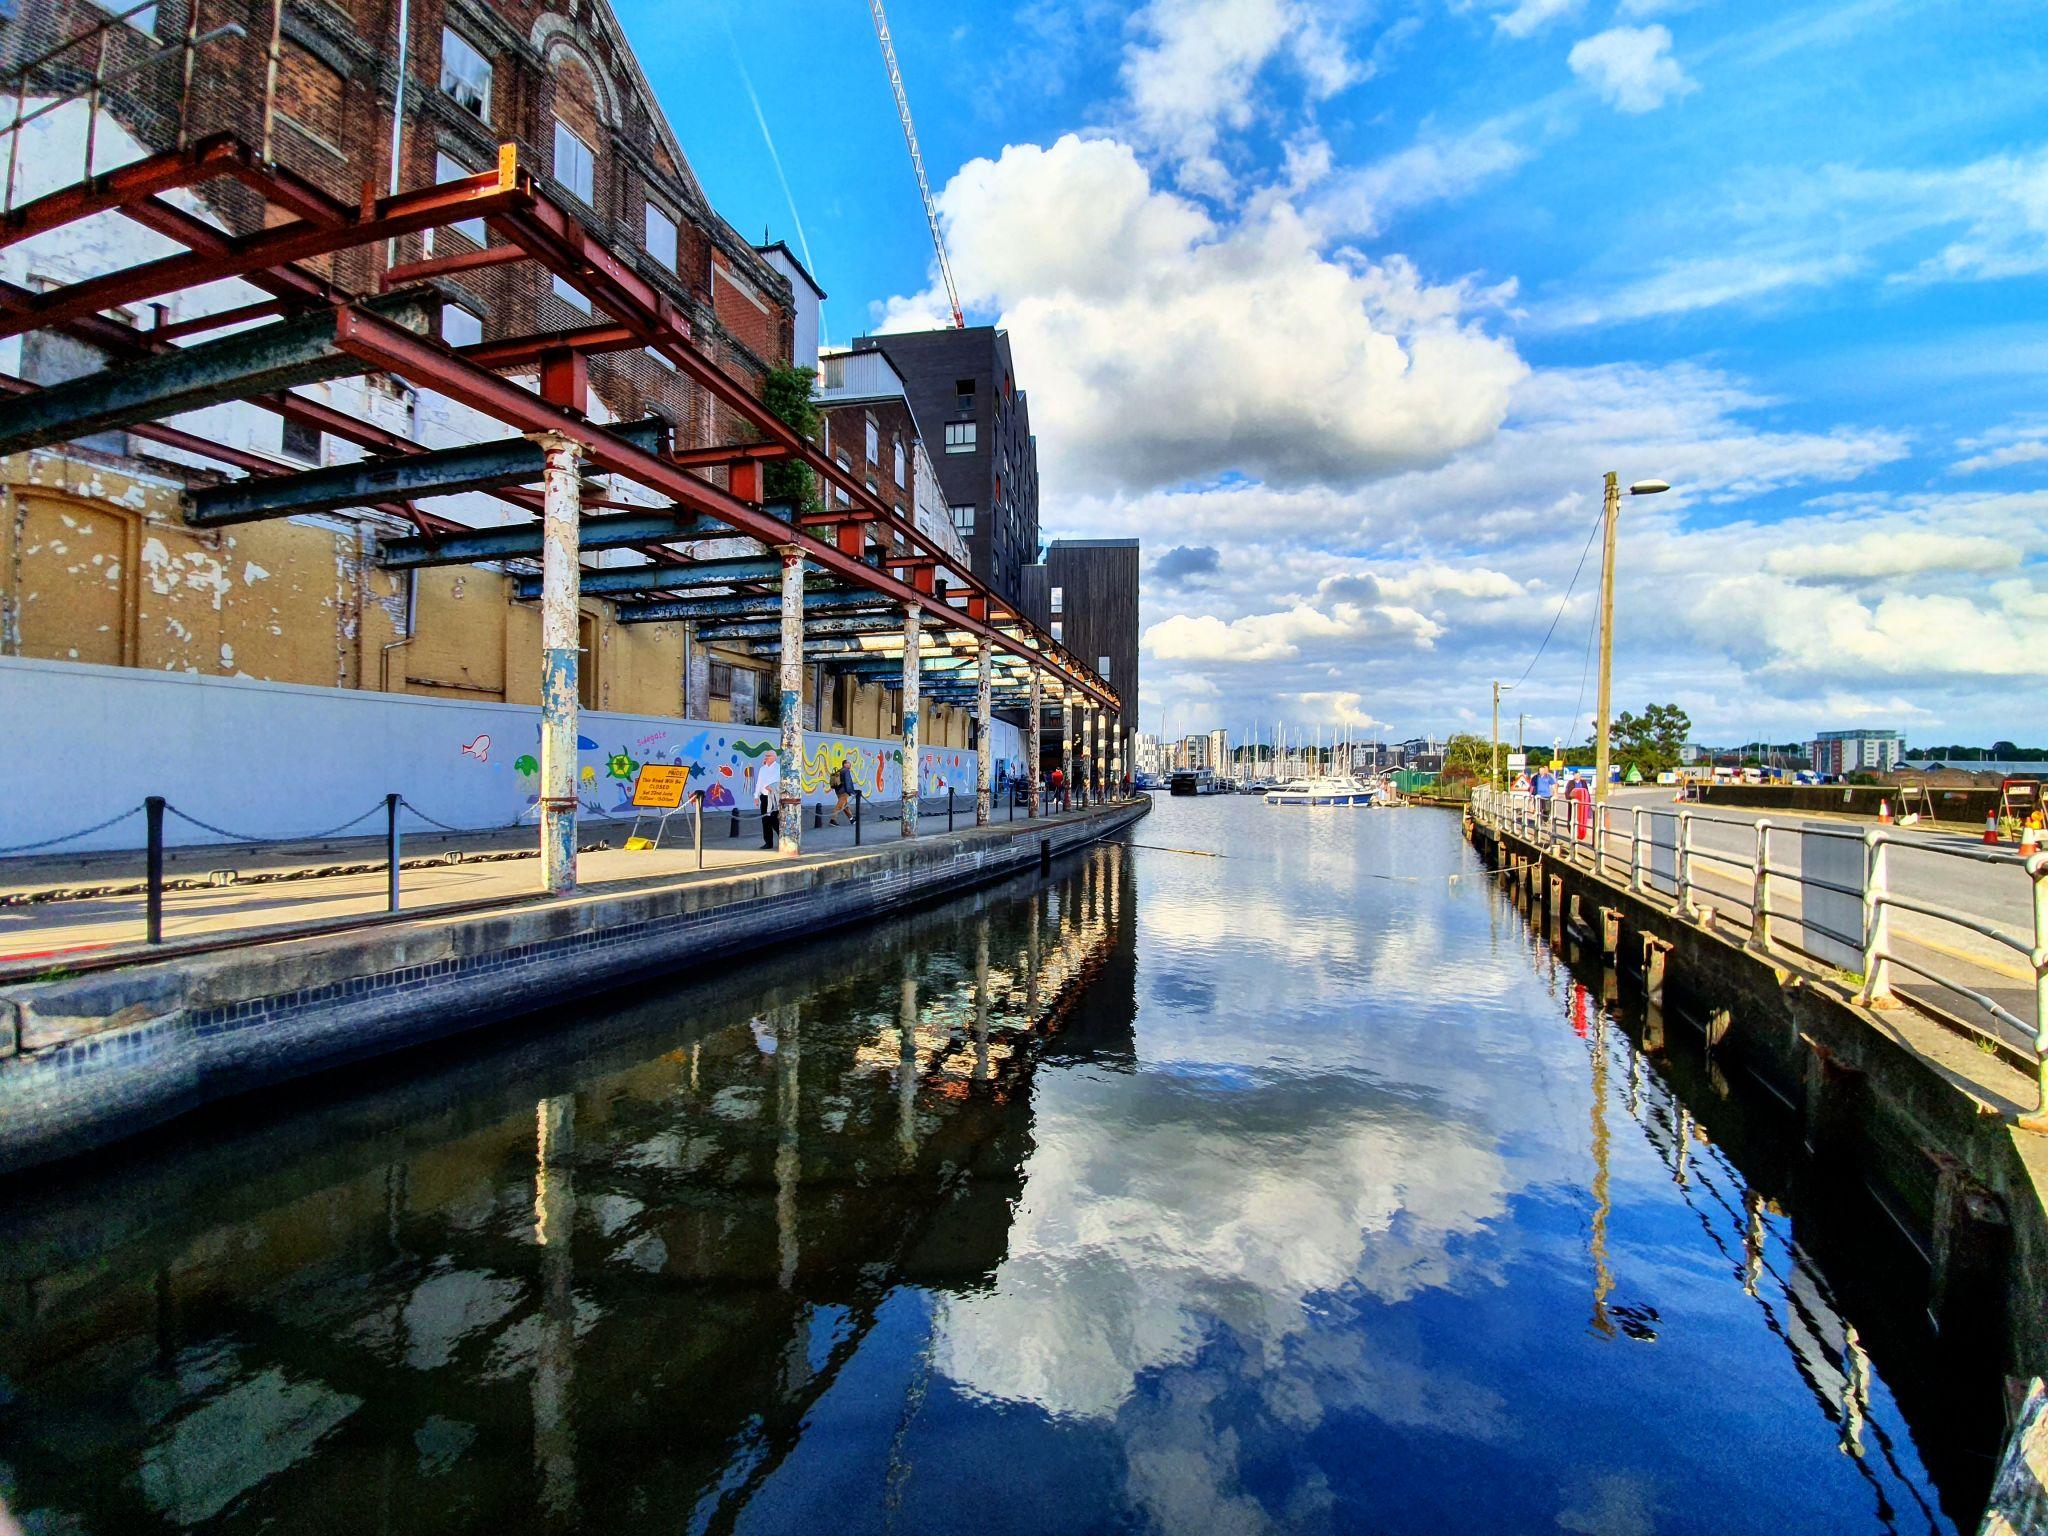 Ipswich Waterfront, Suffolk, United Kingdom